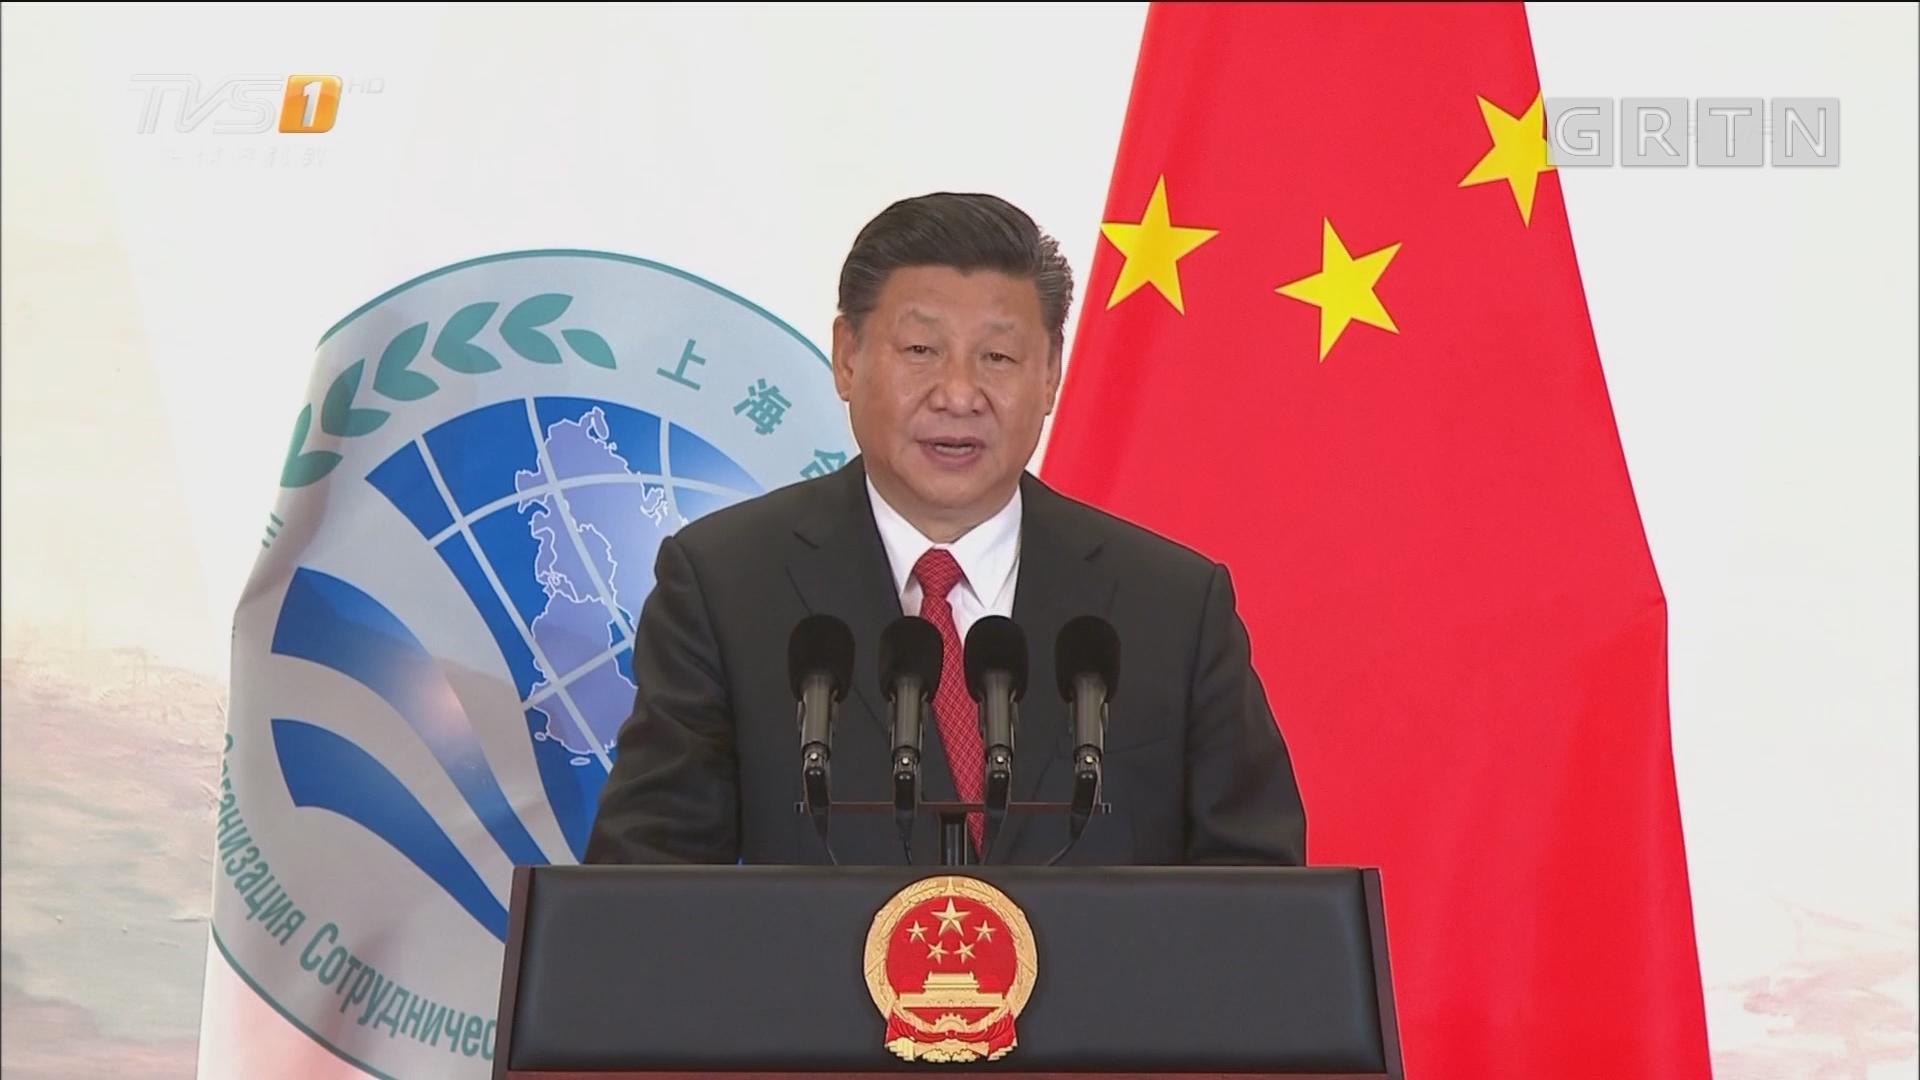 走进青岛·聚焦上合峰会:习近平在上海合作组织青岛峰会欢迎宴会上的祝酒辞